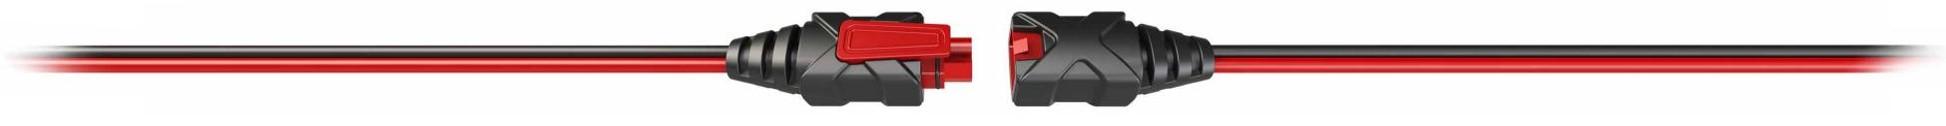 como conectar cargador de bateria coche